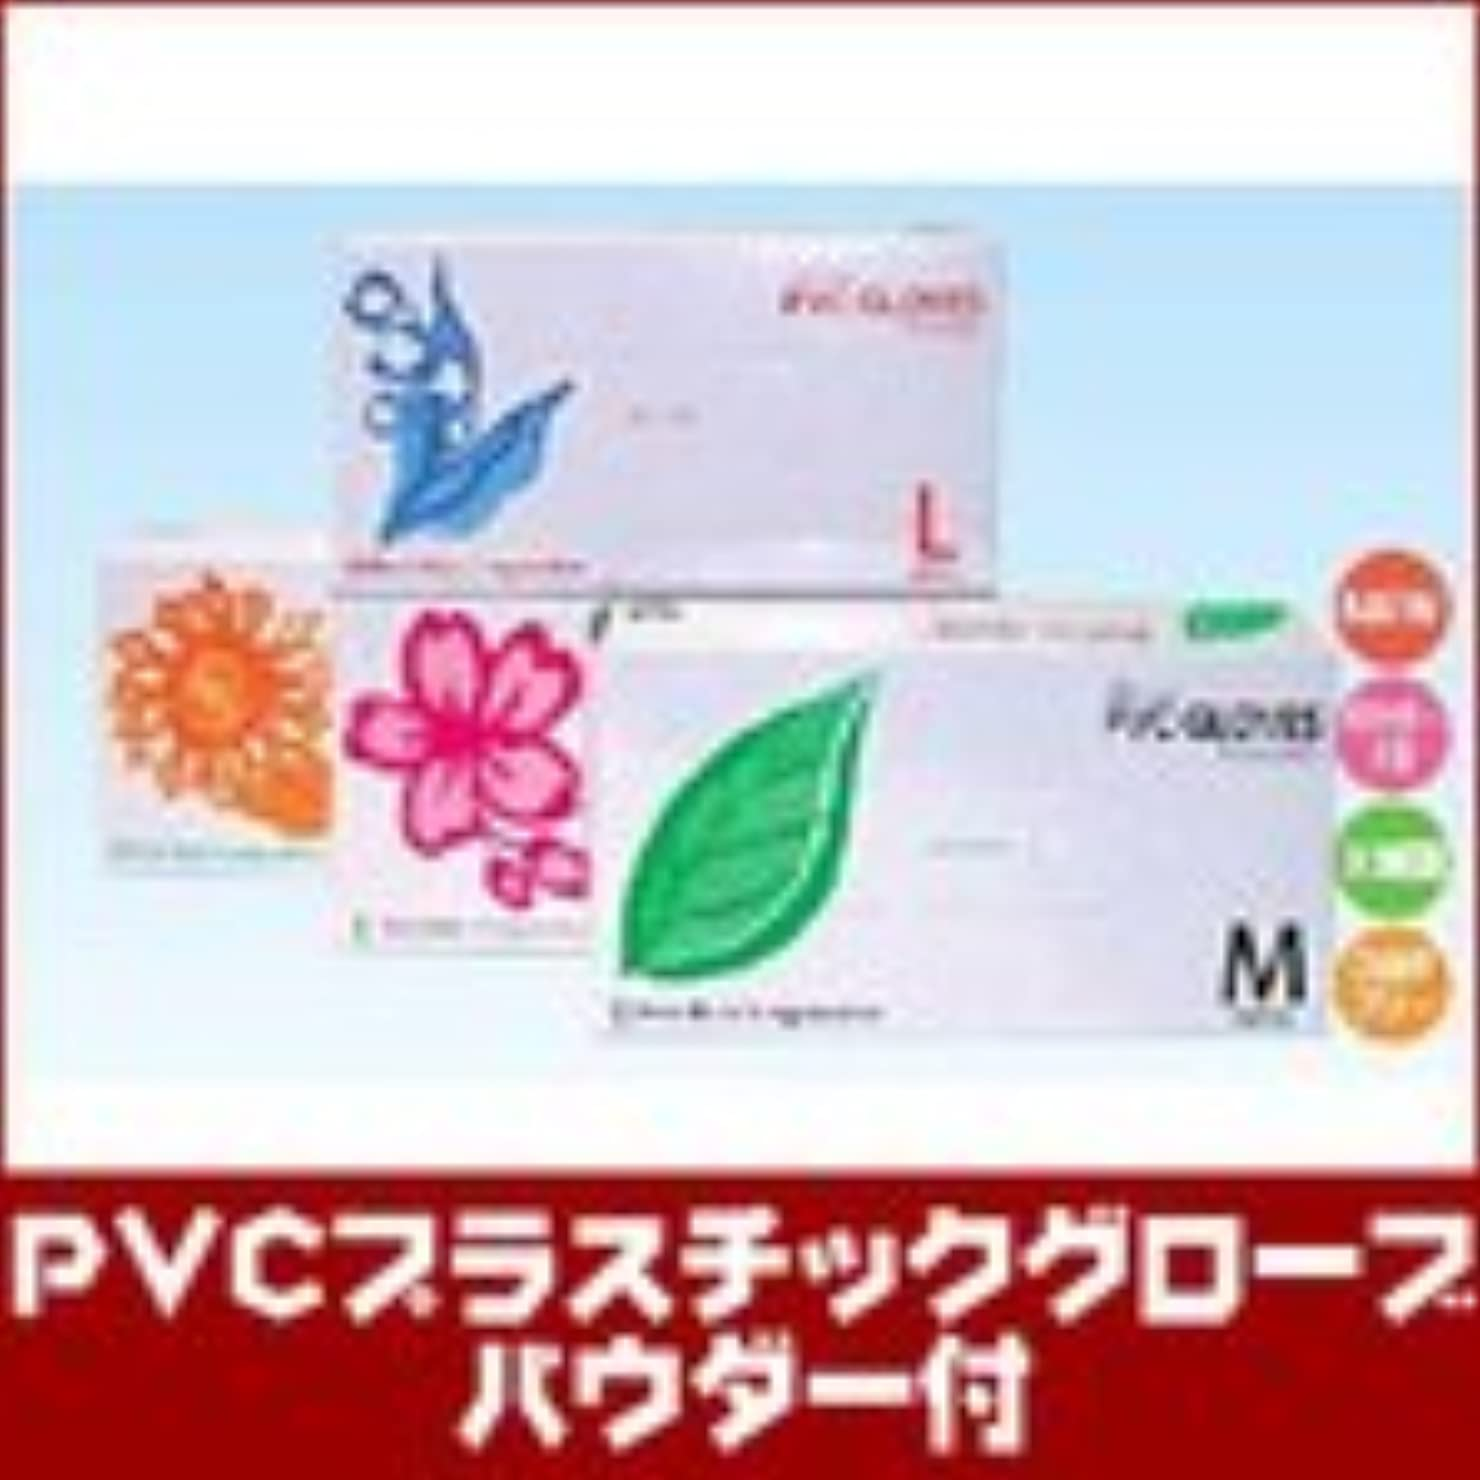 土耐えるカレンダープレミア PVCプラスチックグローブ パウダー付 100枚入 10セット M